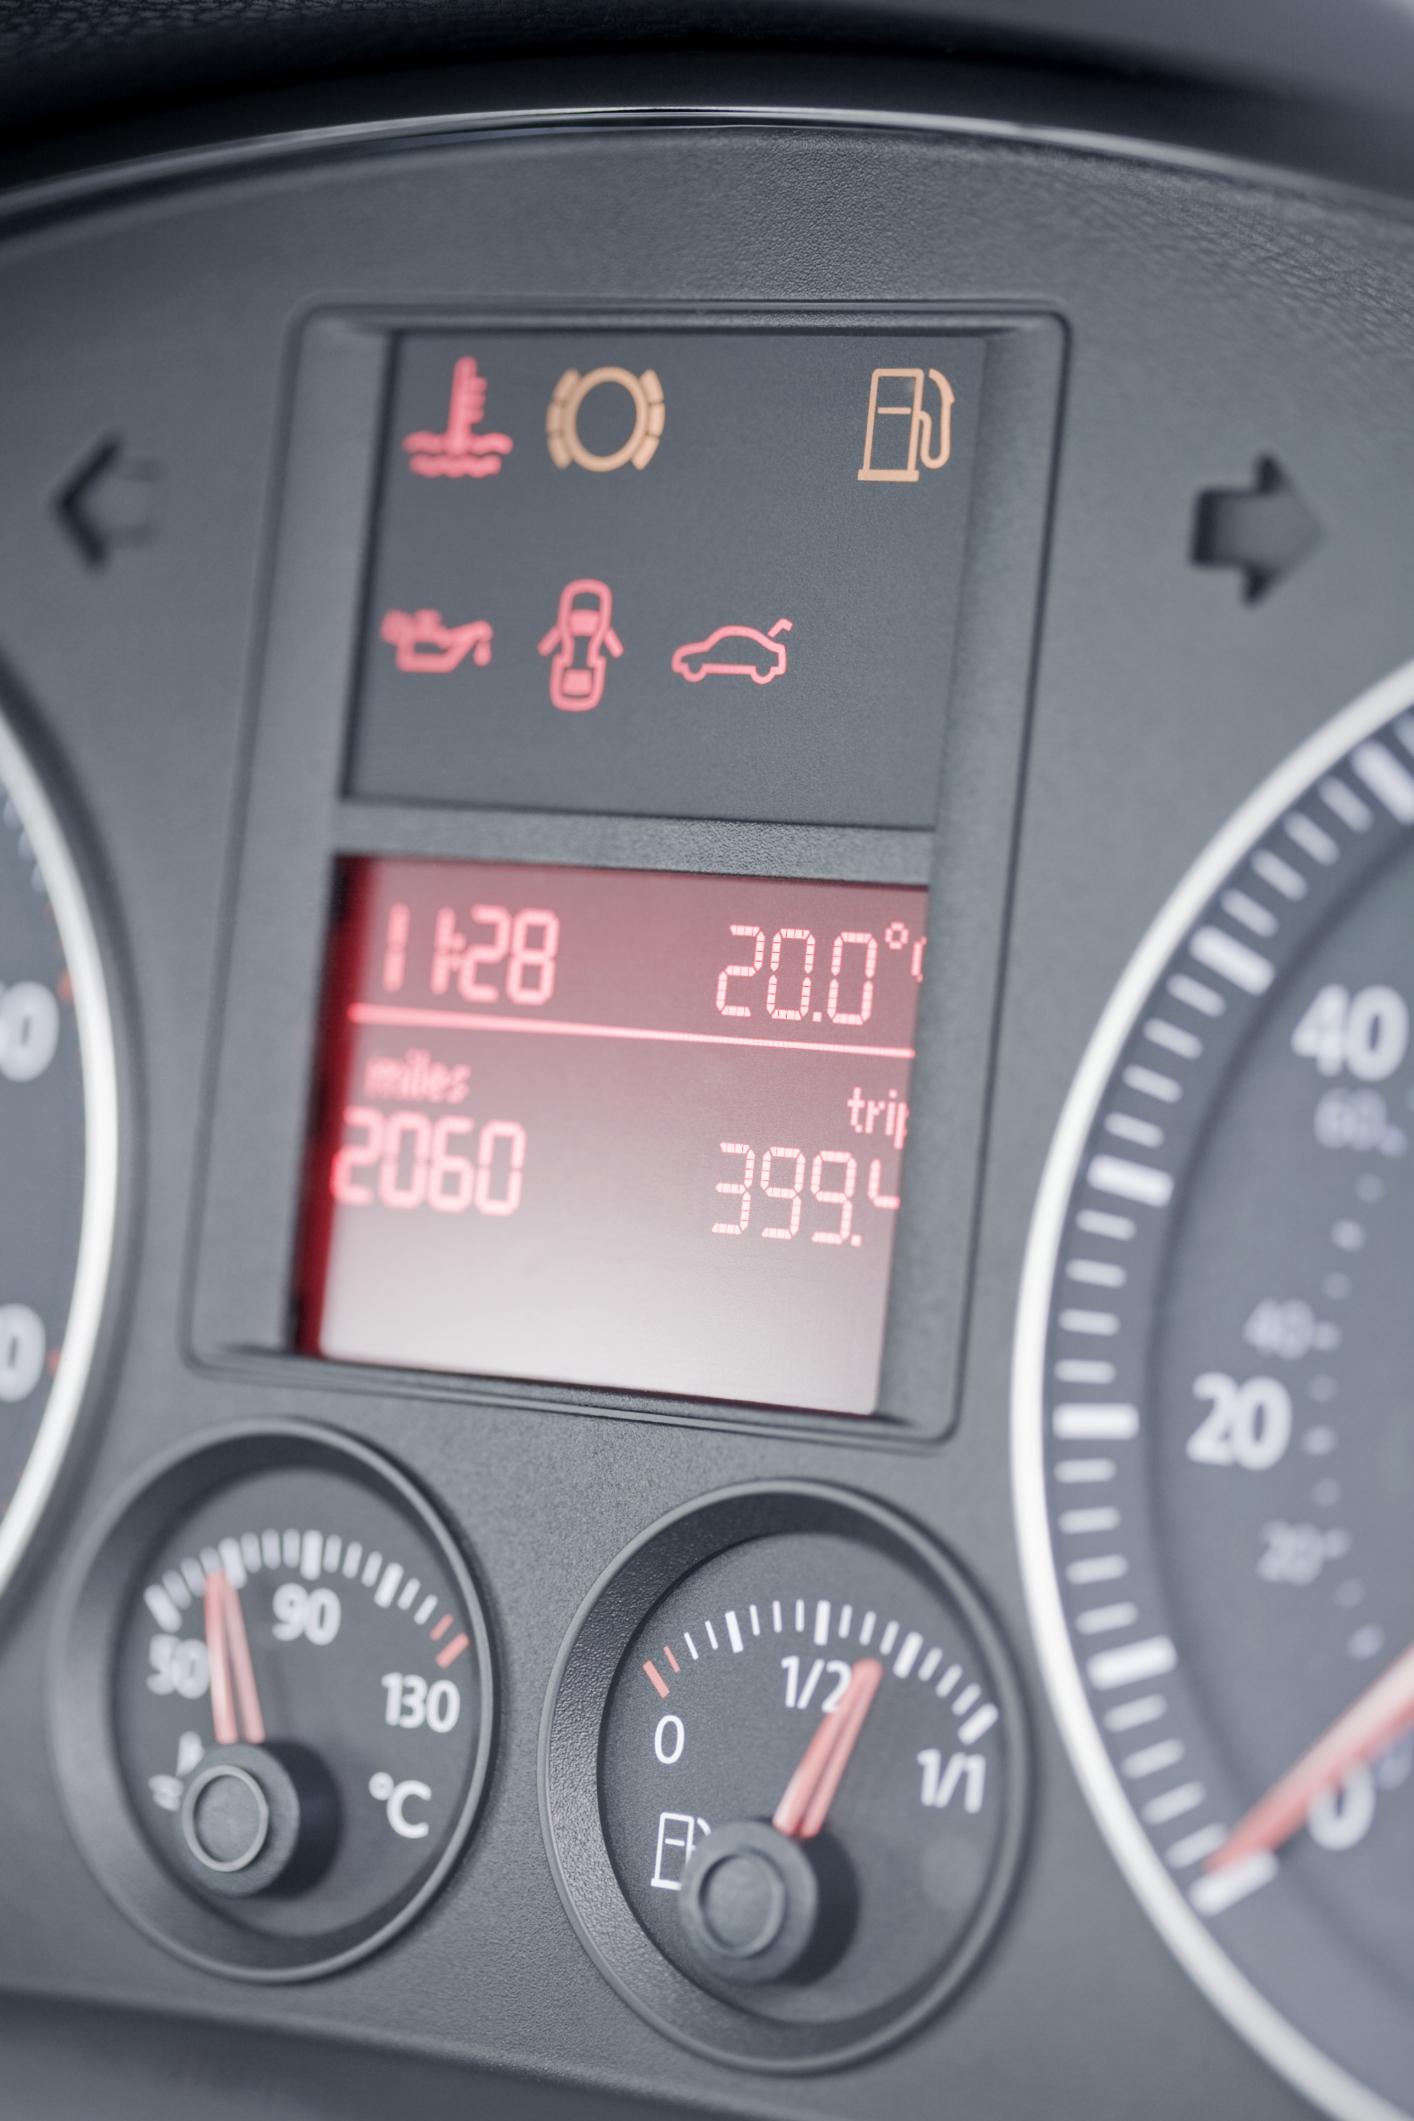 Significado De Las Luces Del Tablero En Un Ford Escape Del 2002